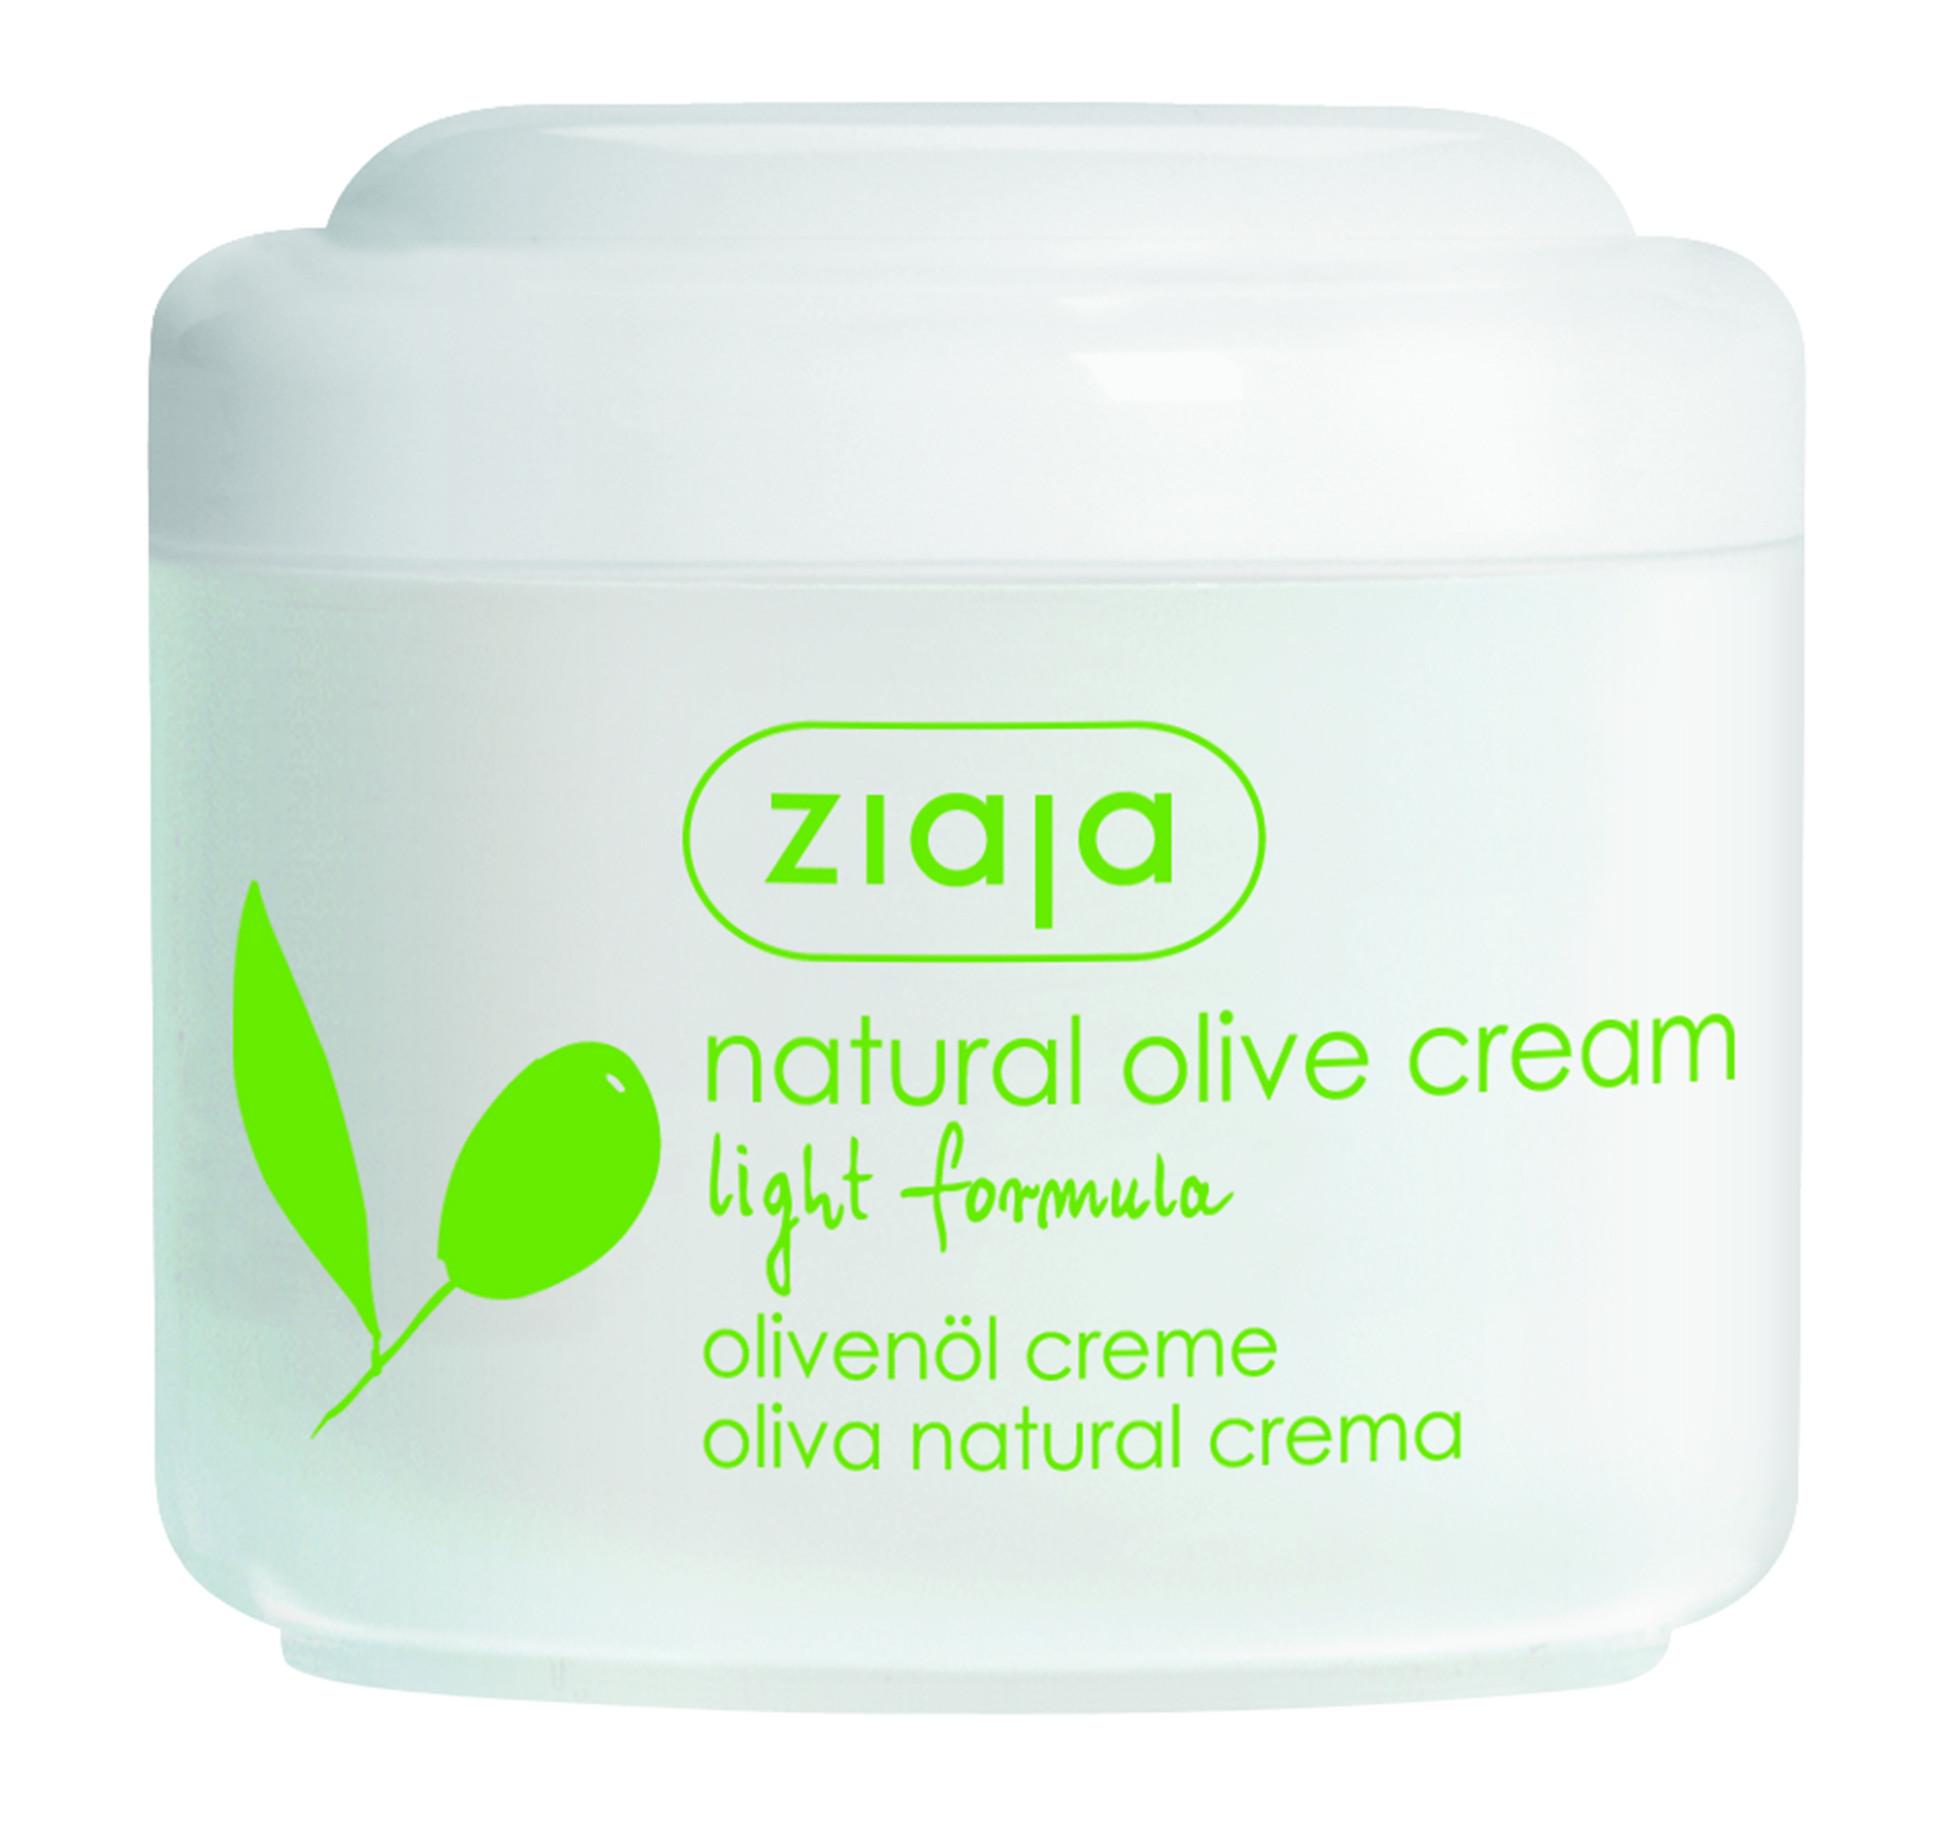 ЖАЯ Крем за лице с маслина лека формула 100мл   ZIAJA Natural olive cream light formula 100ml